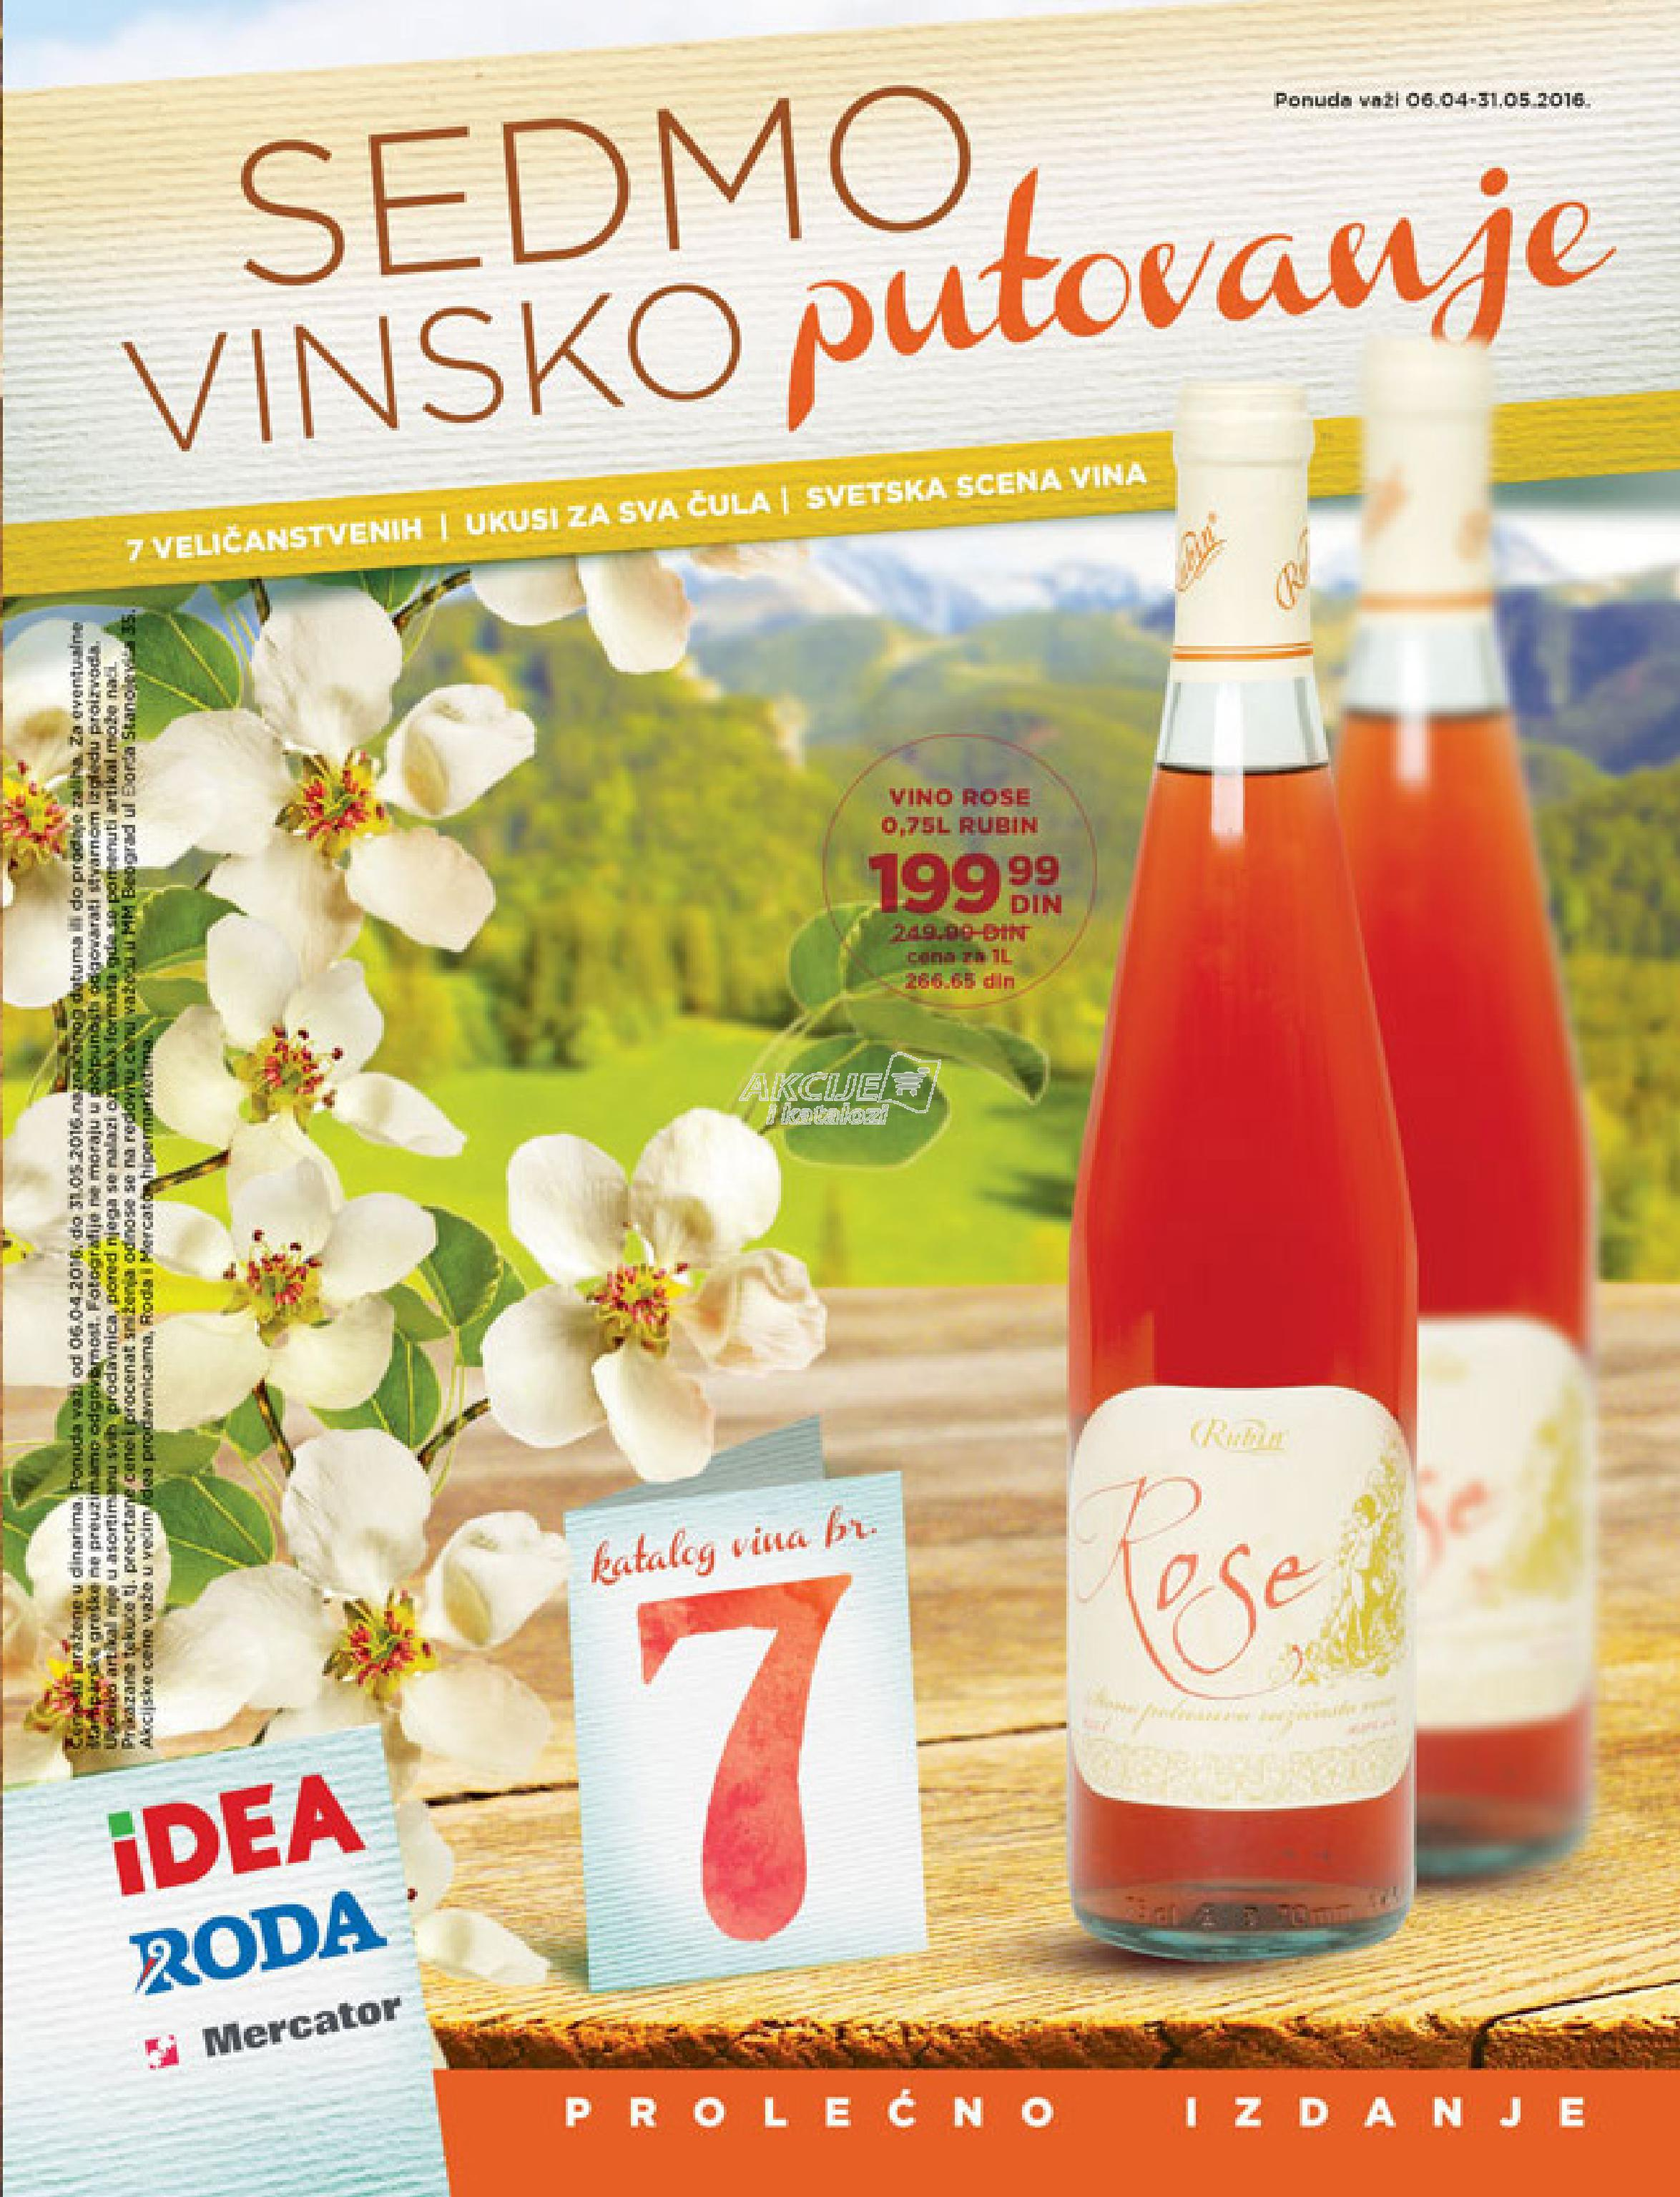 Roda - Redovna akcija specijal vina